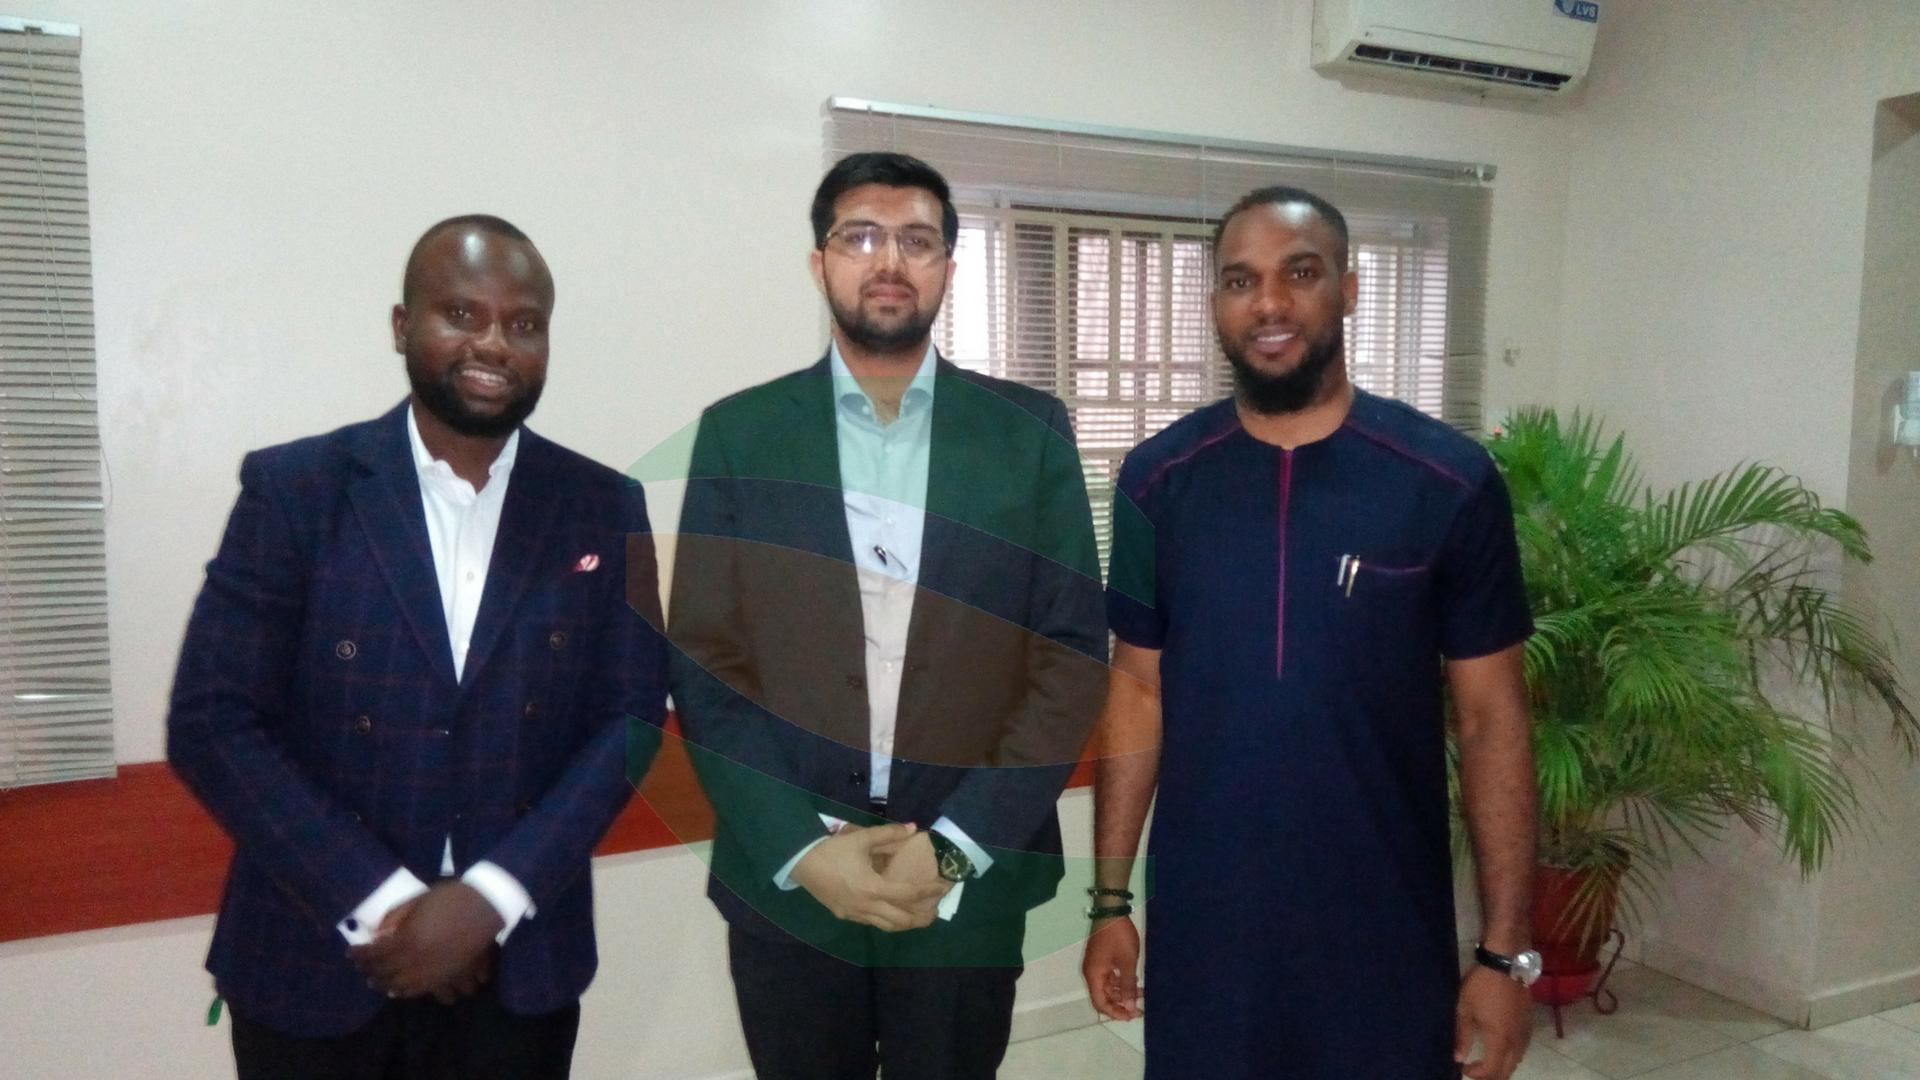 Dr Ehimen Diagi, Dr Soumyojeet Bagchi